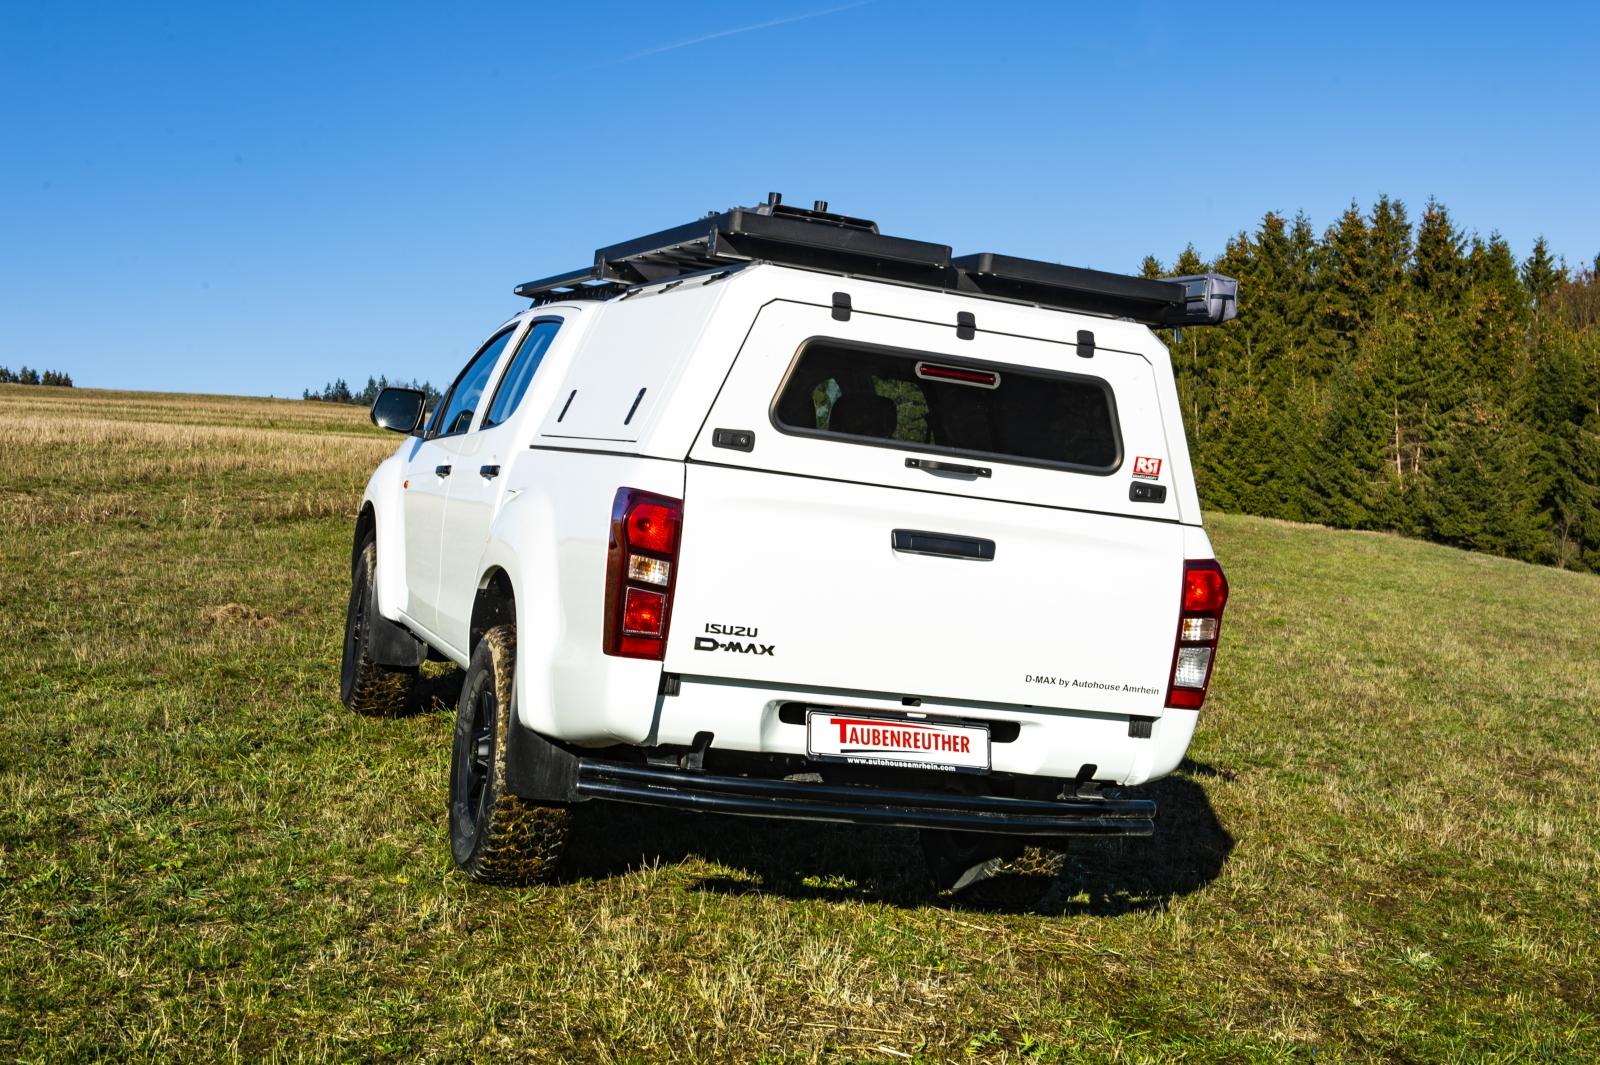 F Taubenreuther Isuzu D-MAX - RSI-Hardtop in Wagenfarbe lackiert.